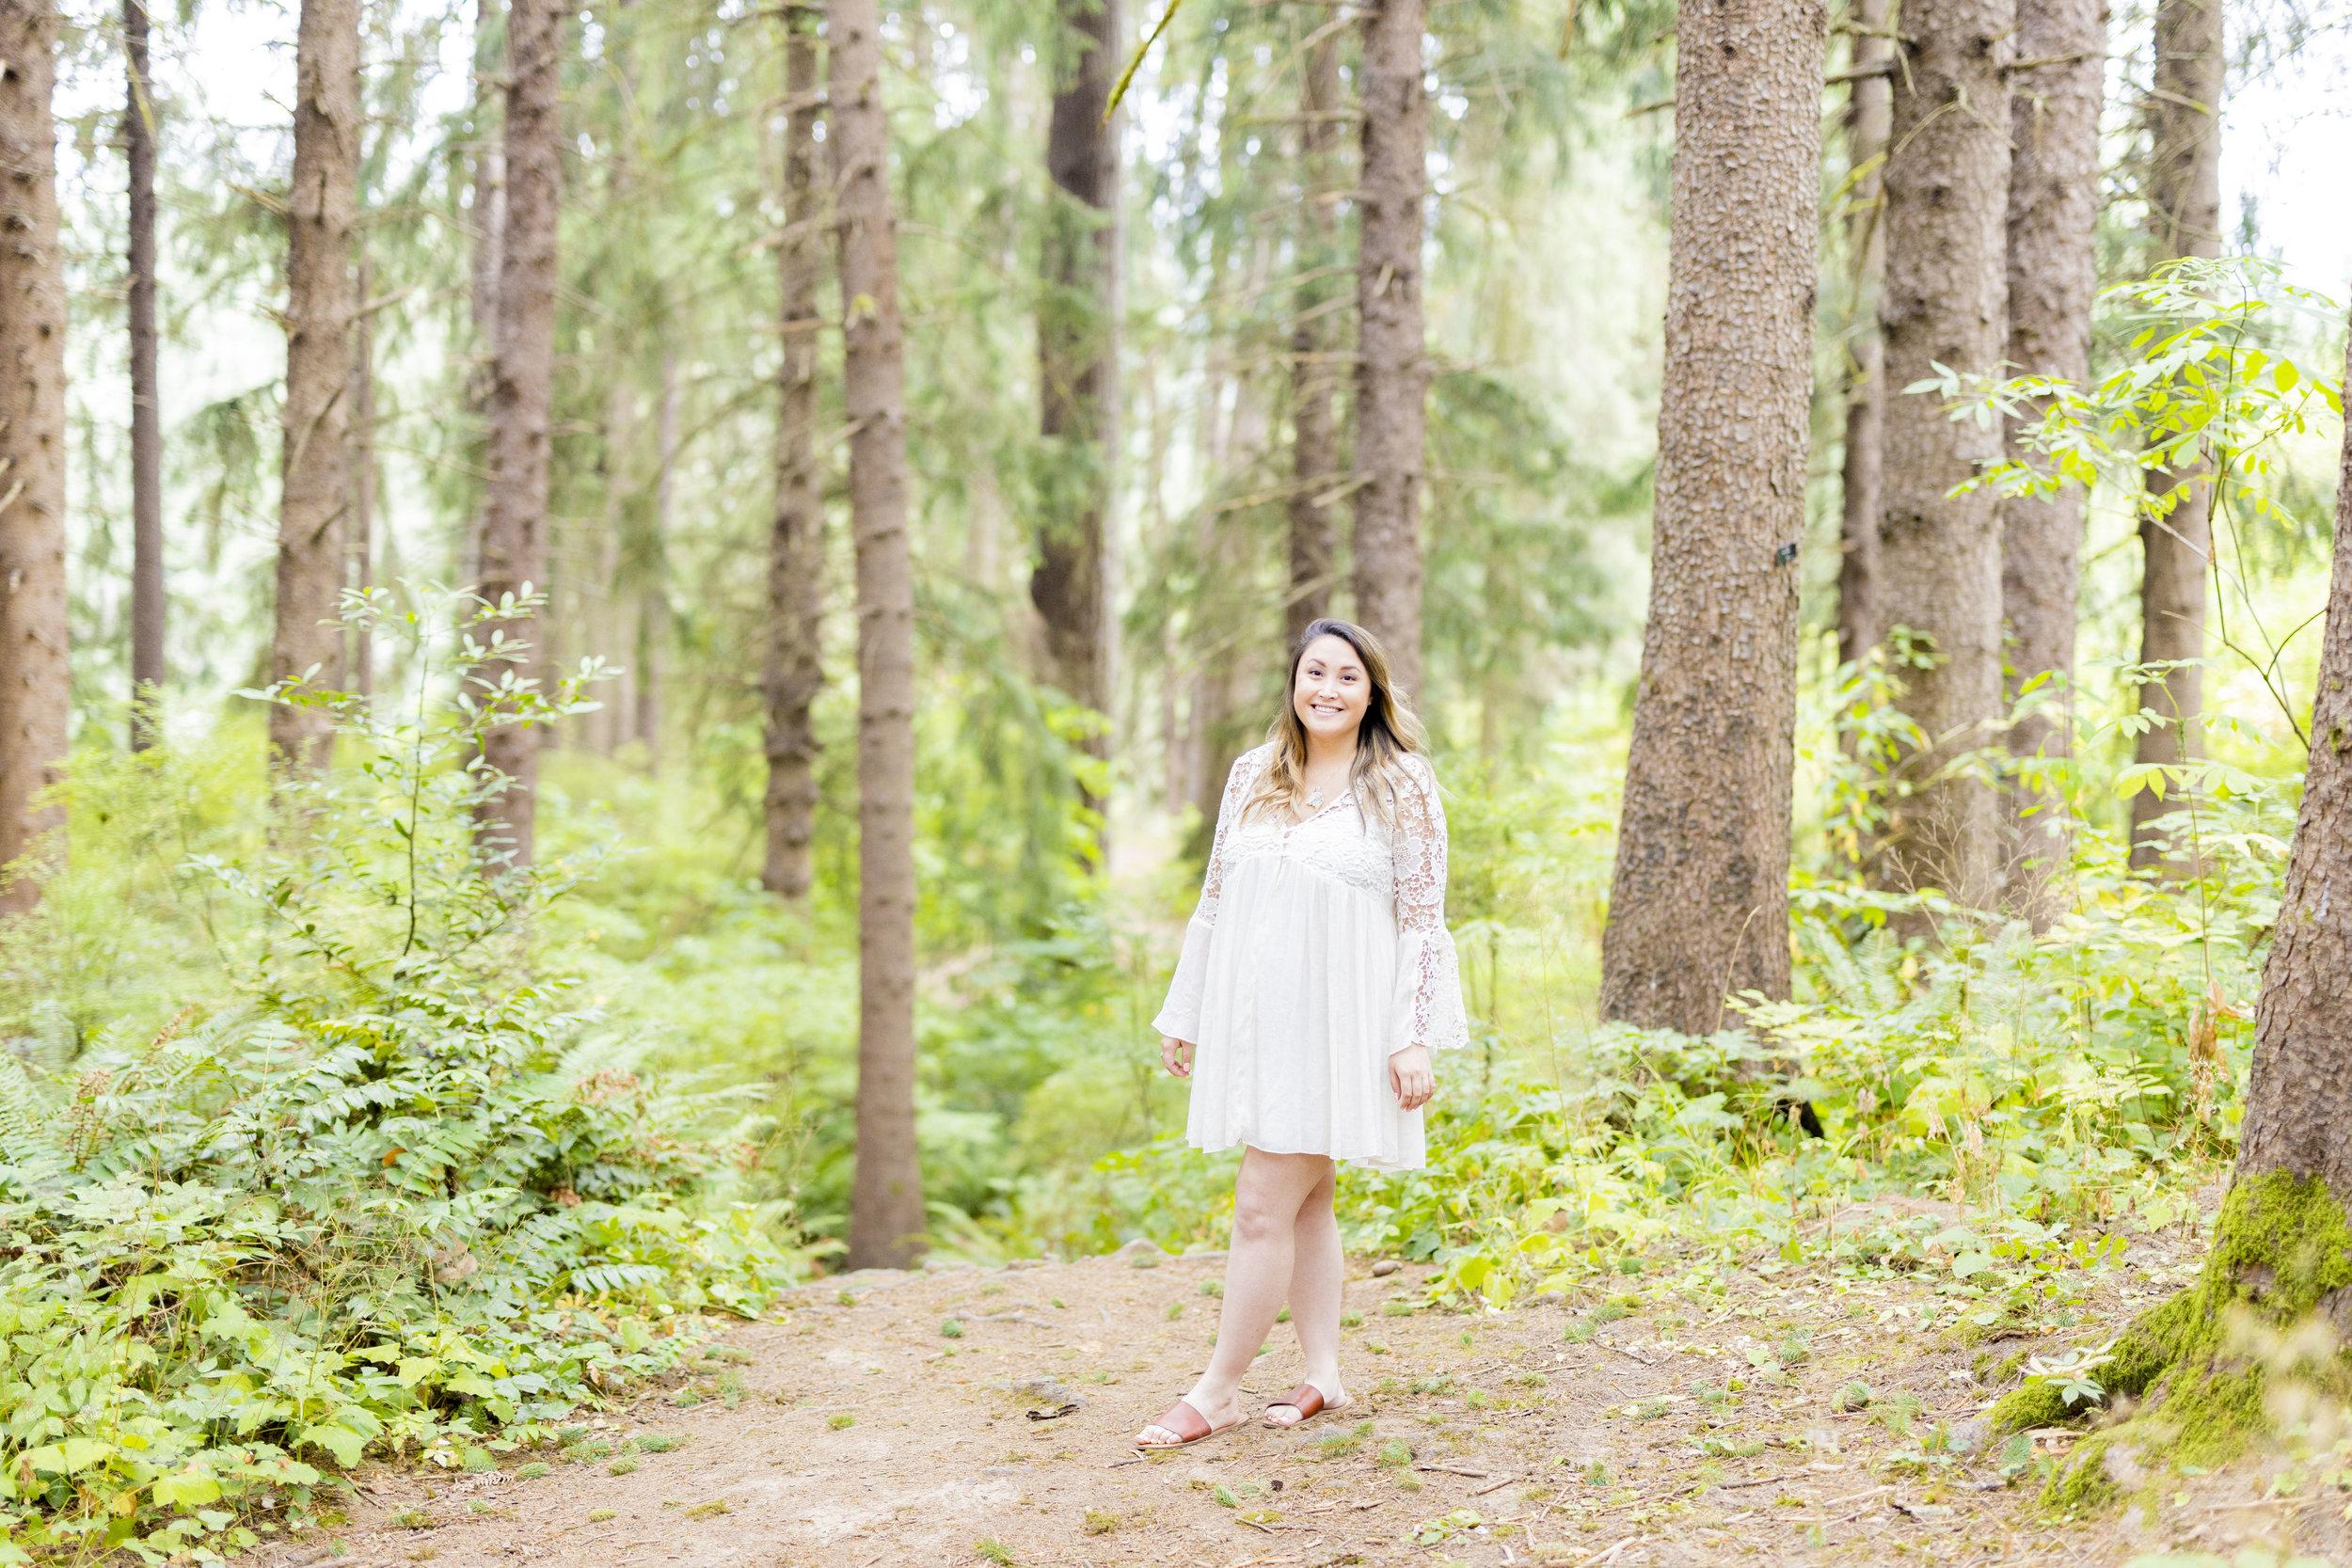 Sofia Angelina Photography Healing Photography Session Portland Hoyt Arboretum